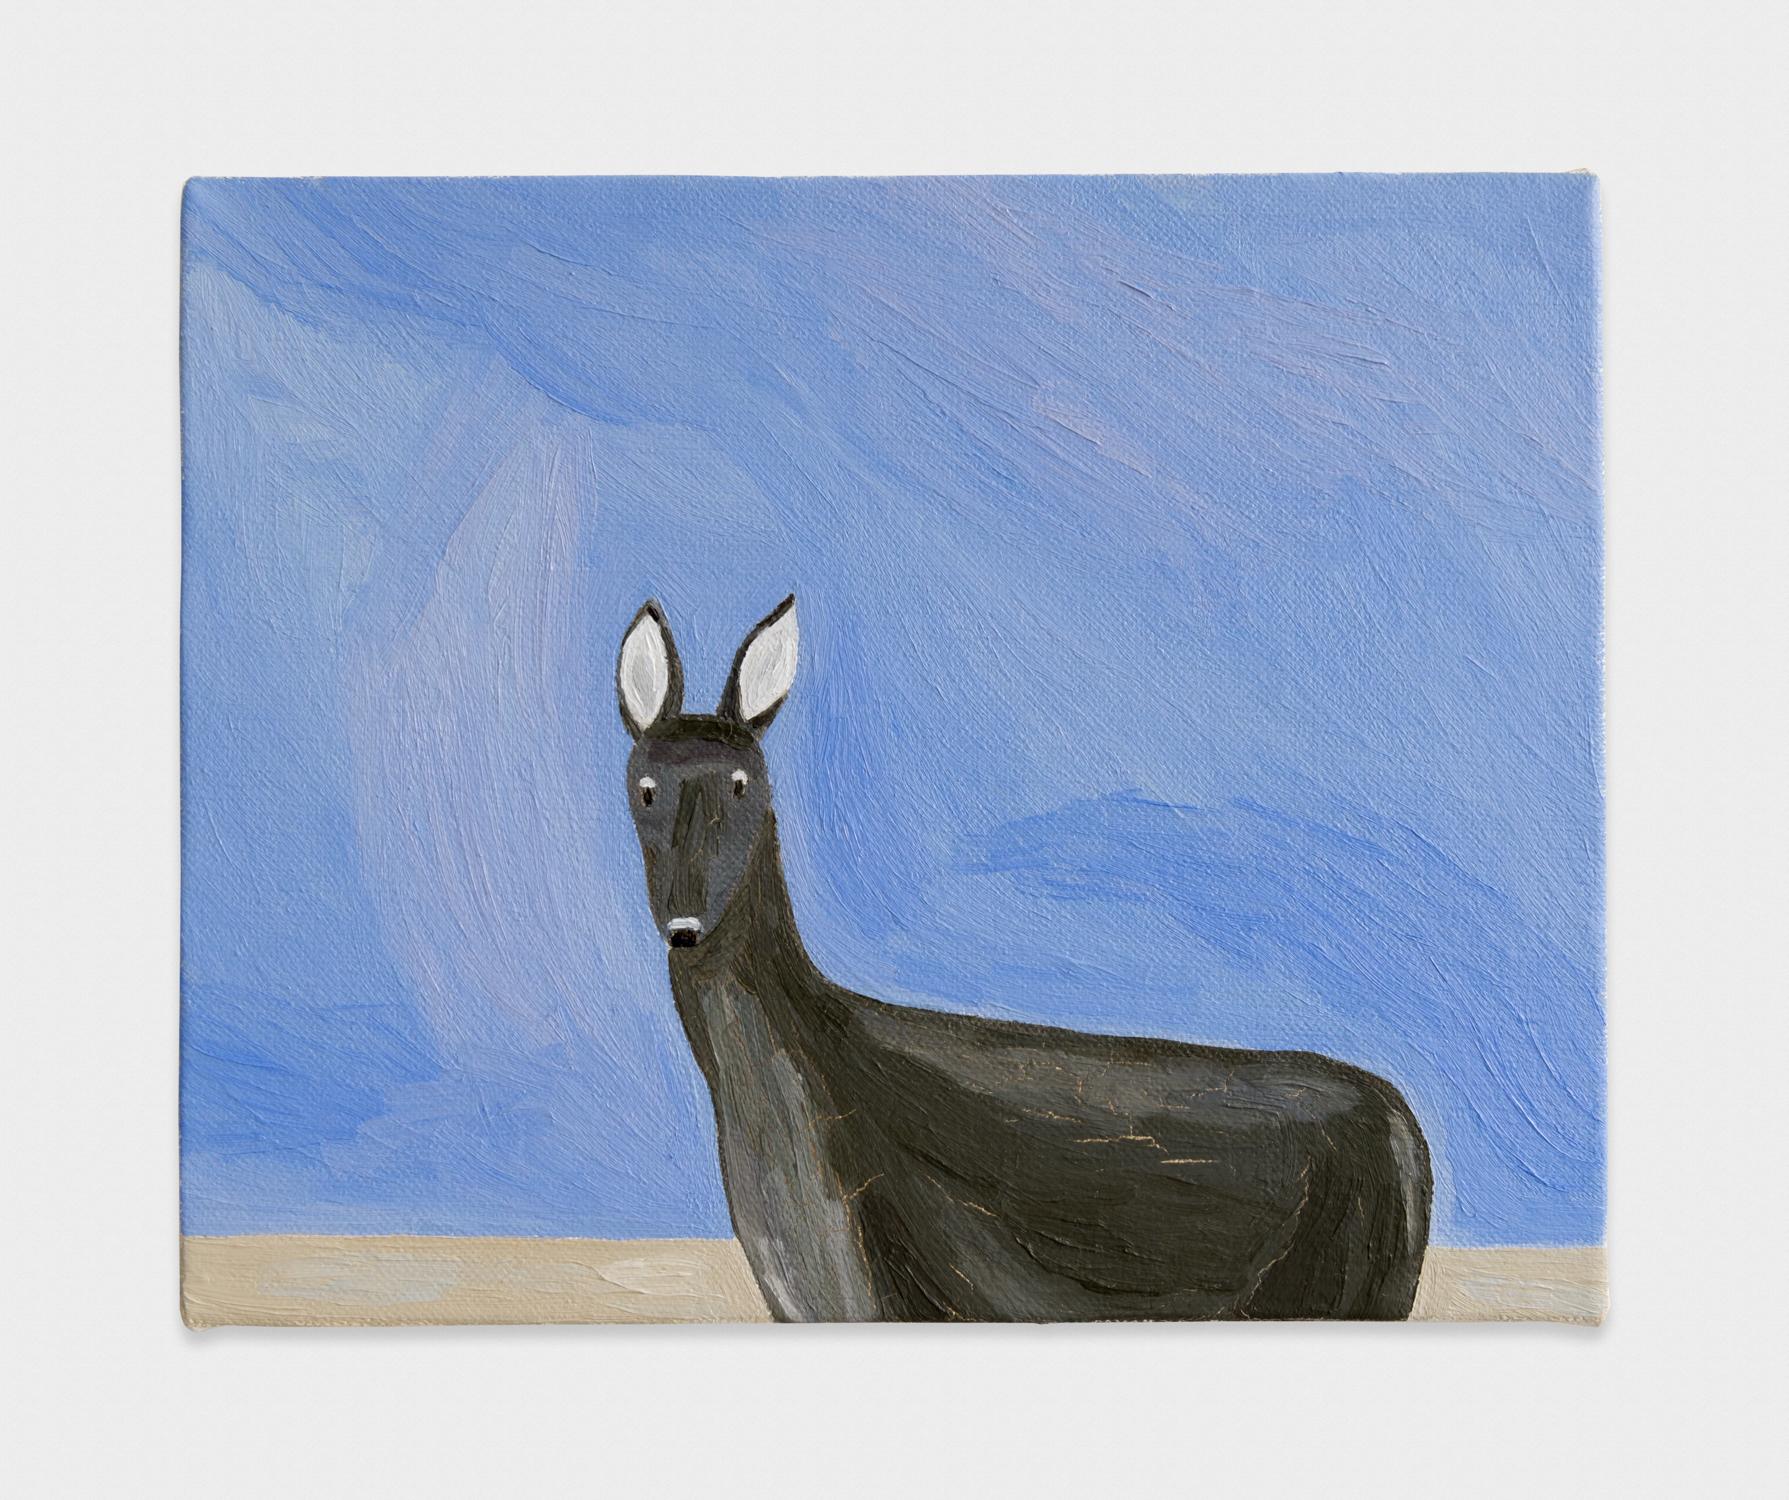 Yuko Murata  Muskt  2013 Oil on canvas 8 ⅔h x 10 ⅘w in YukoM003